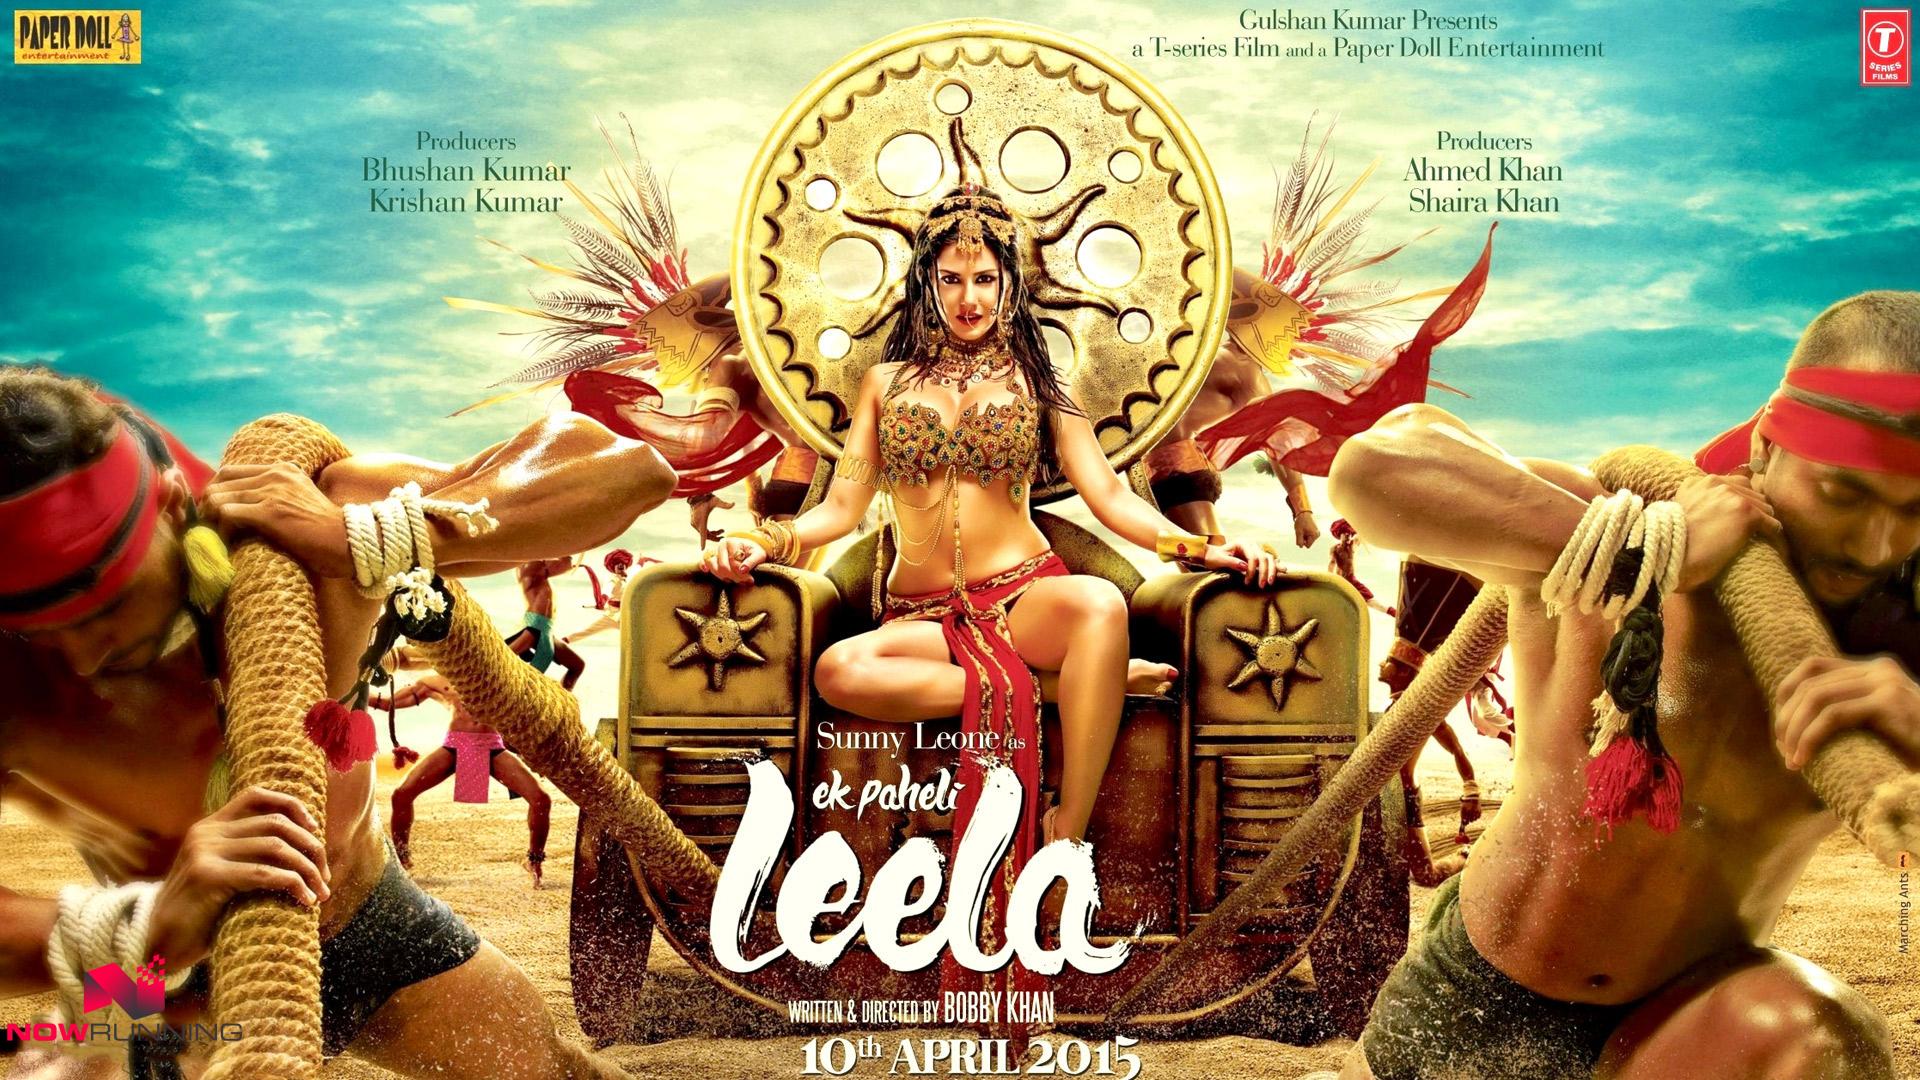 Comunidad Steam :: :: [Hindi] Ek Paheli Leela (2015) Full